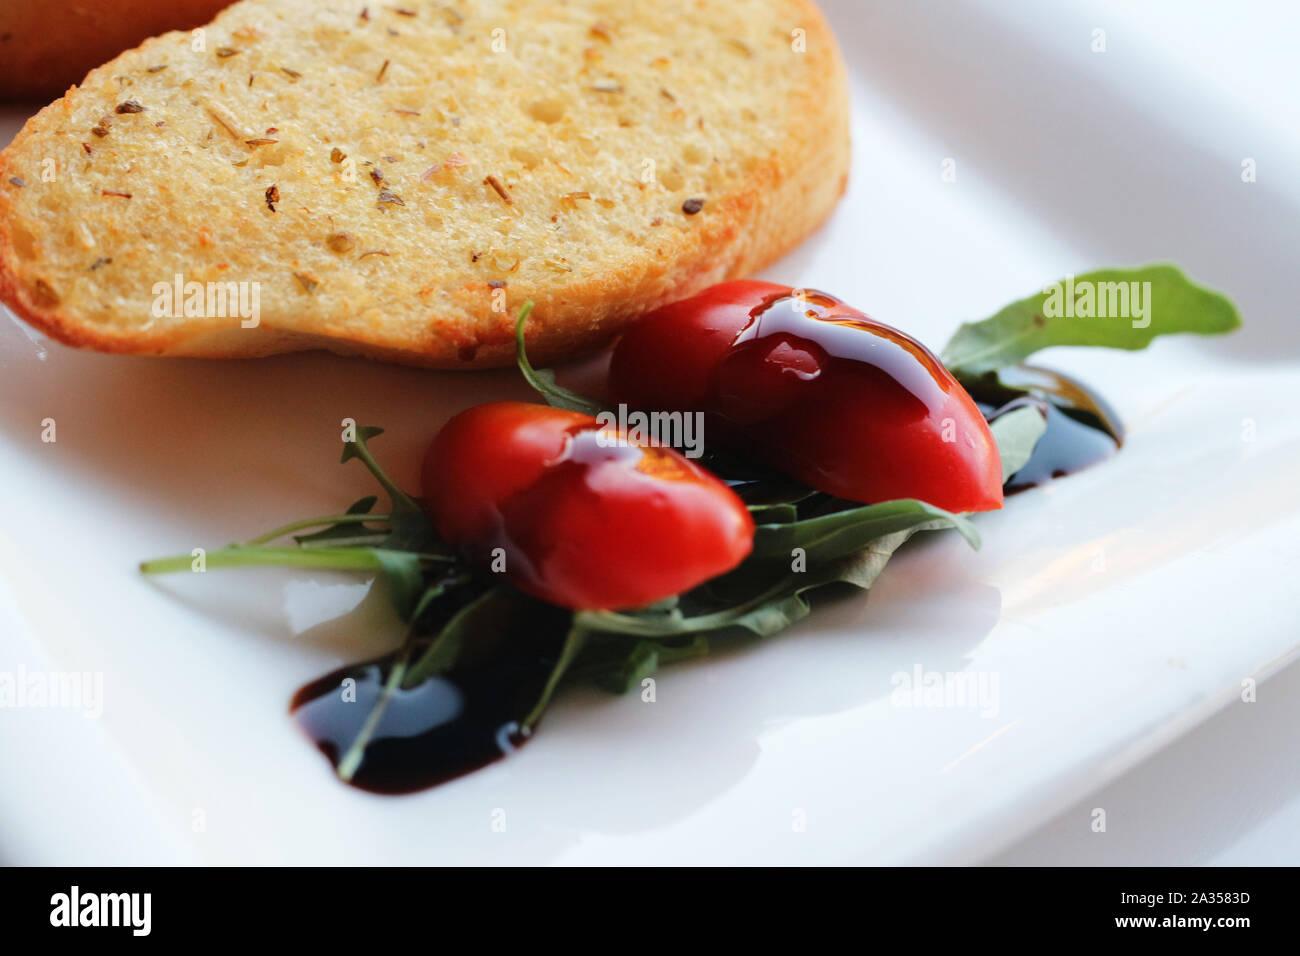 Guarnición de tomate cherry con vinagre balsámico y pan de ajo Foto de stock